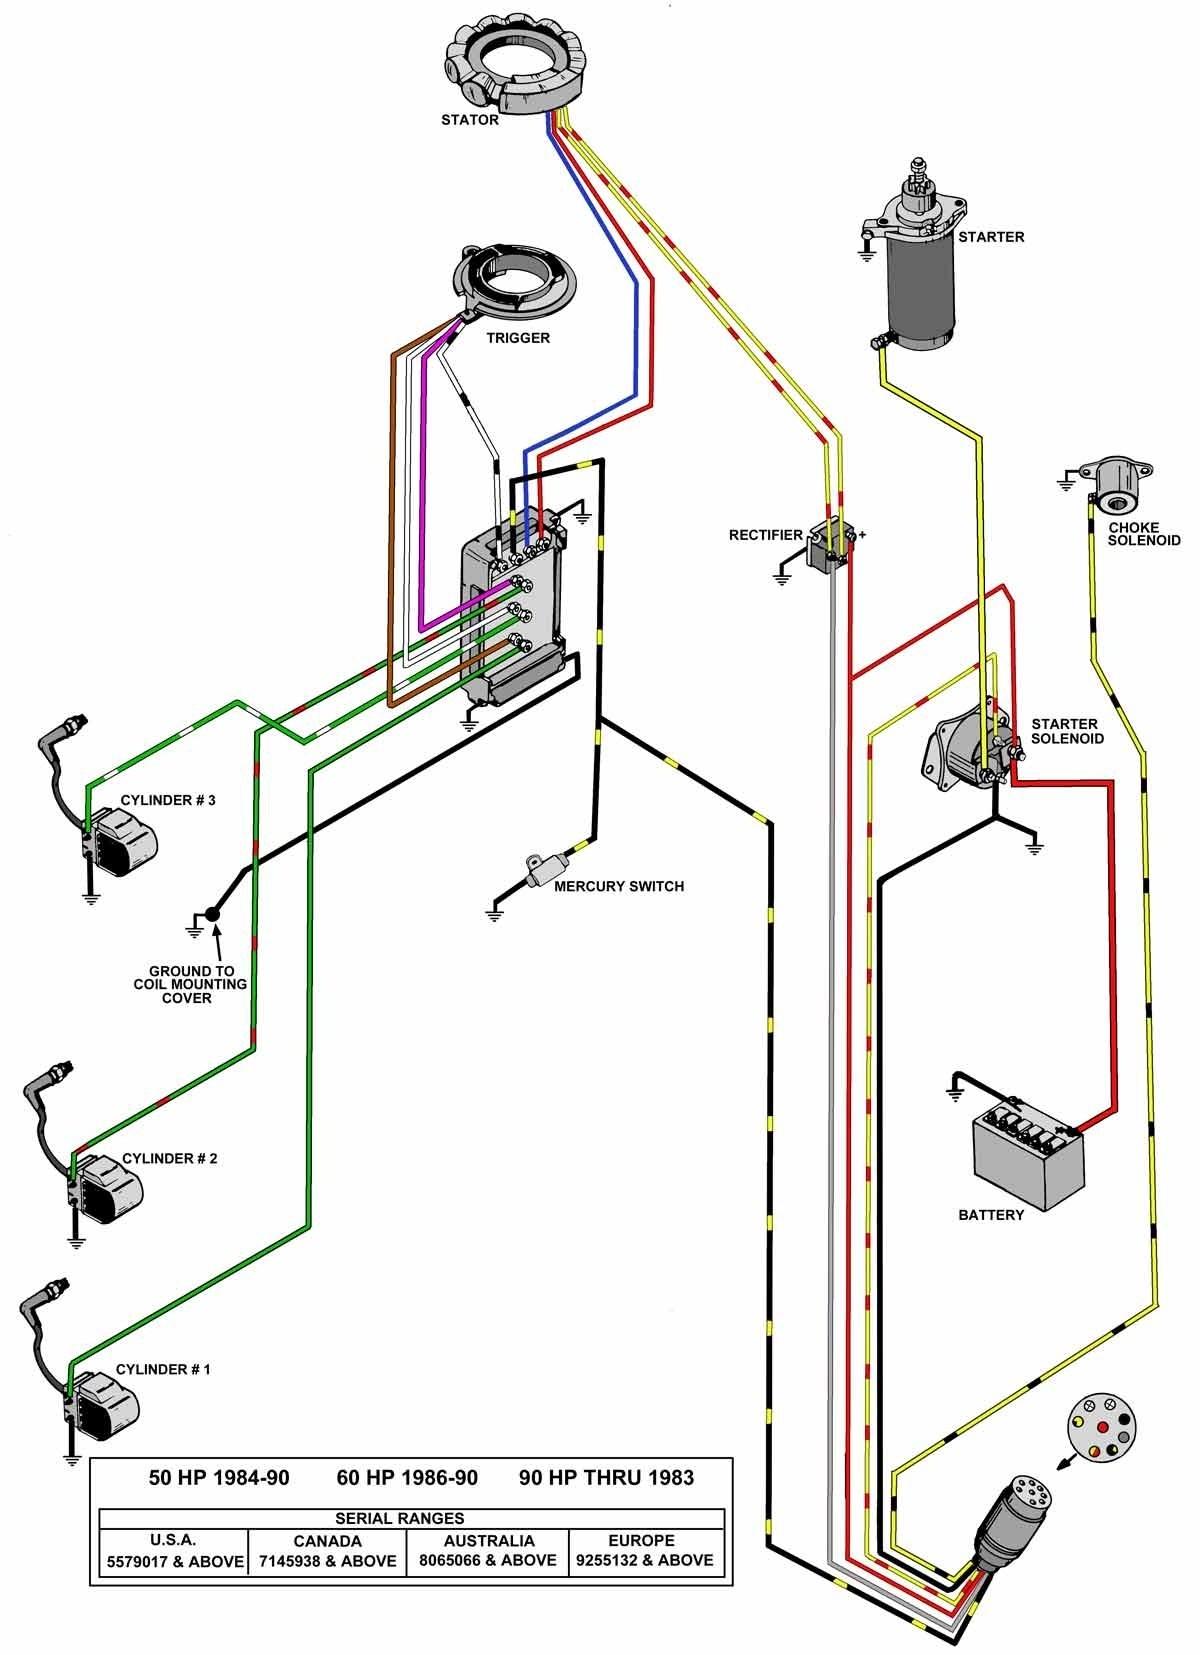 Mercruiser 470 Wiring Diagram 2007 Hyundai Wiring Diagram Usb Cable Tukune Jeanjaures37 Fr